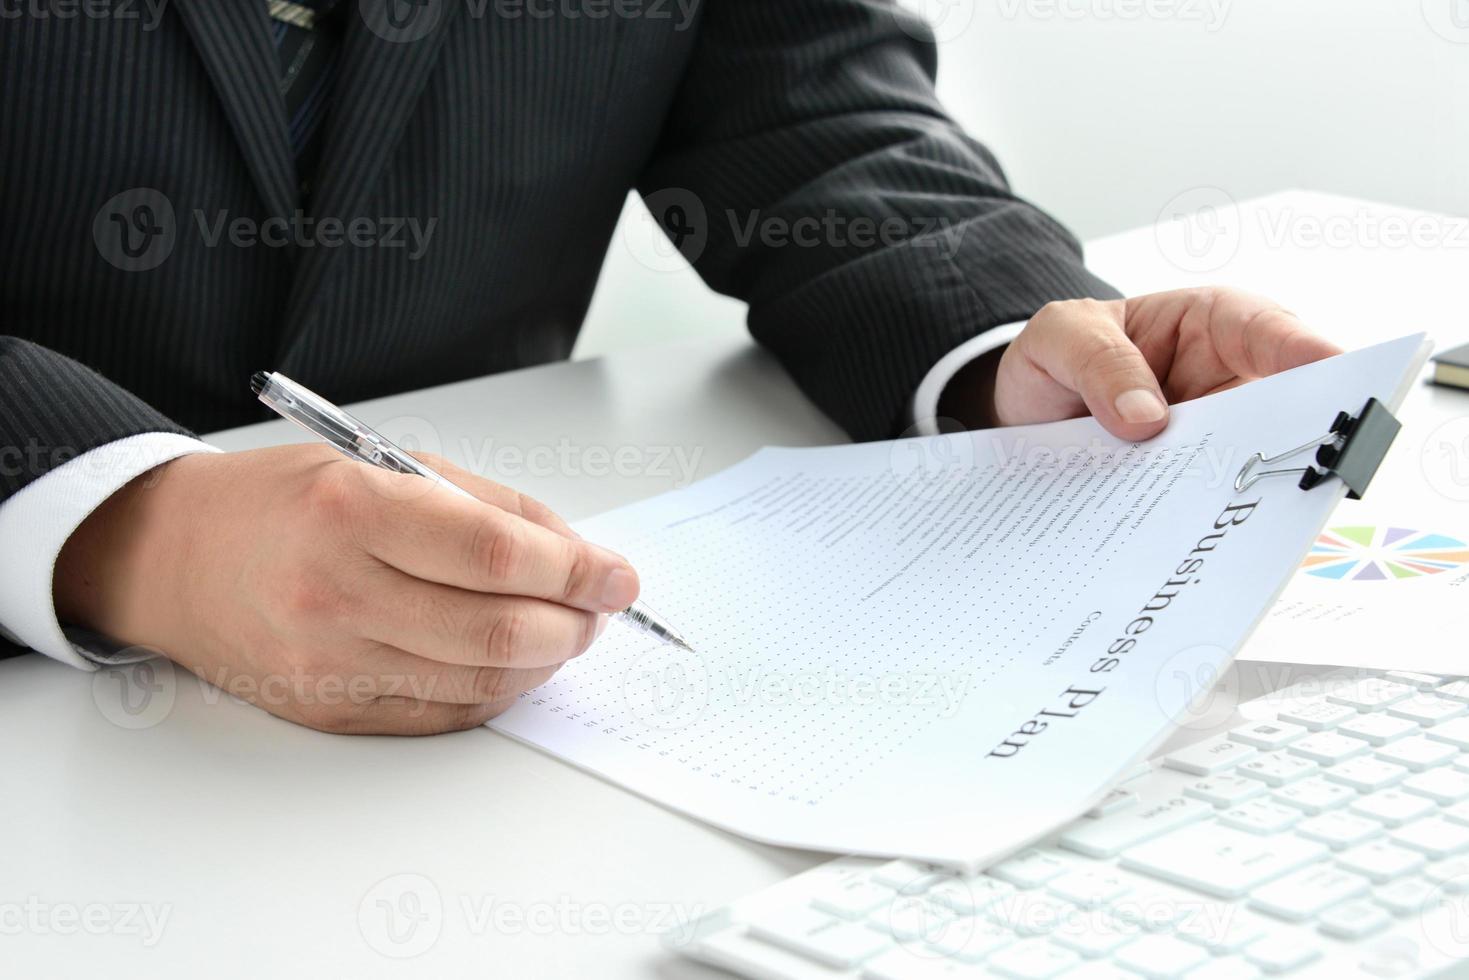 conceitos de negócios, verifique o plano de negócios foto